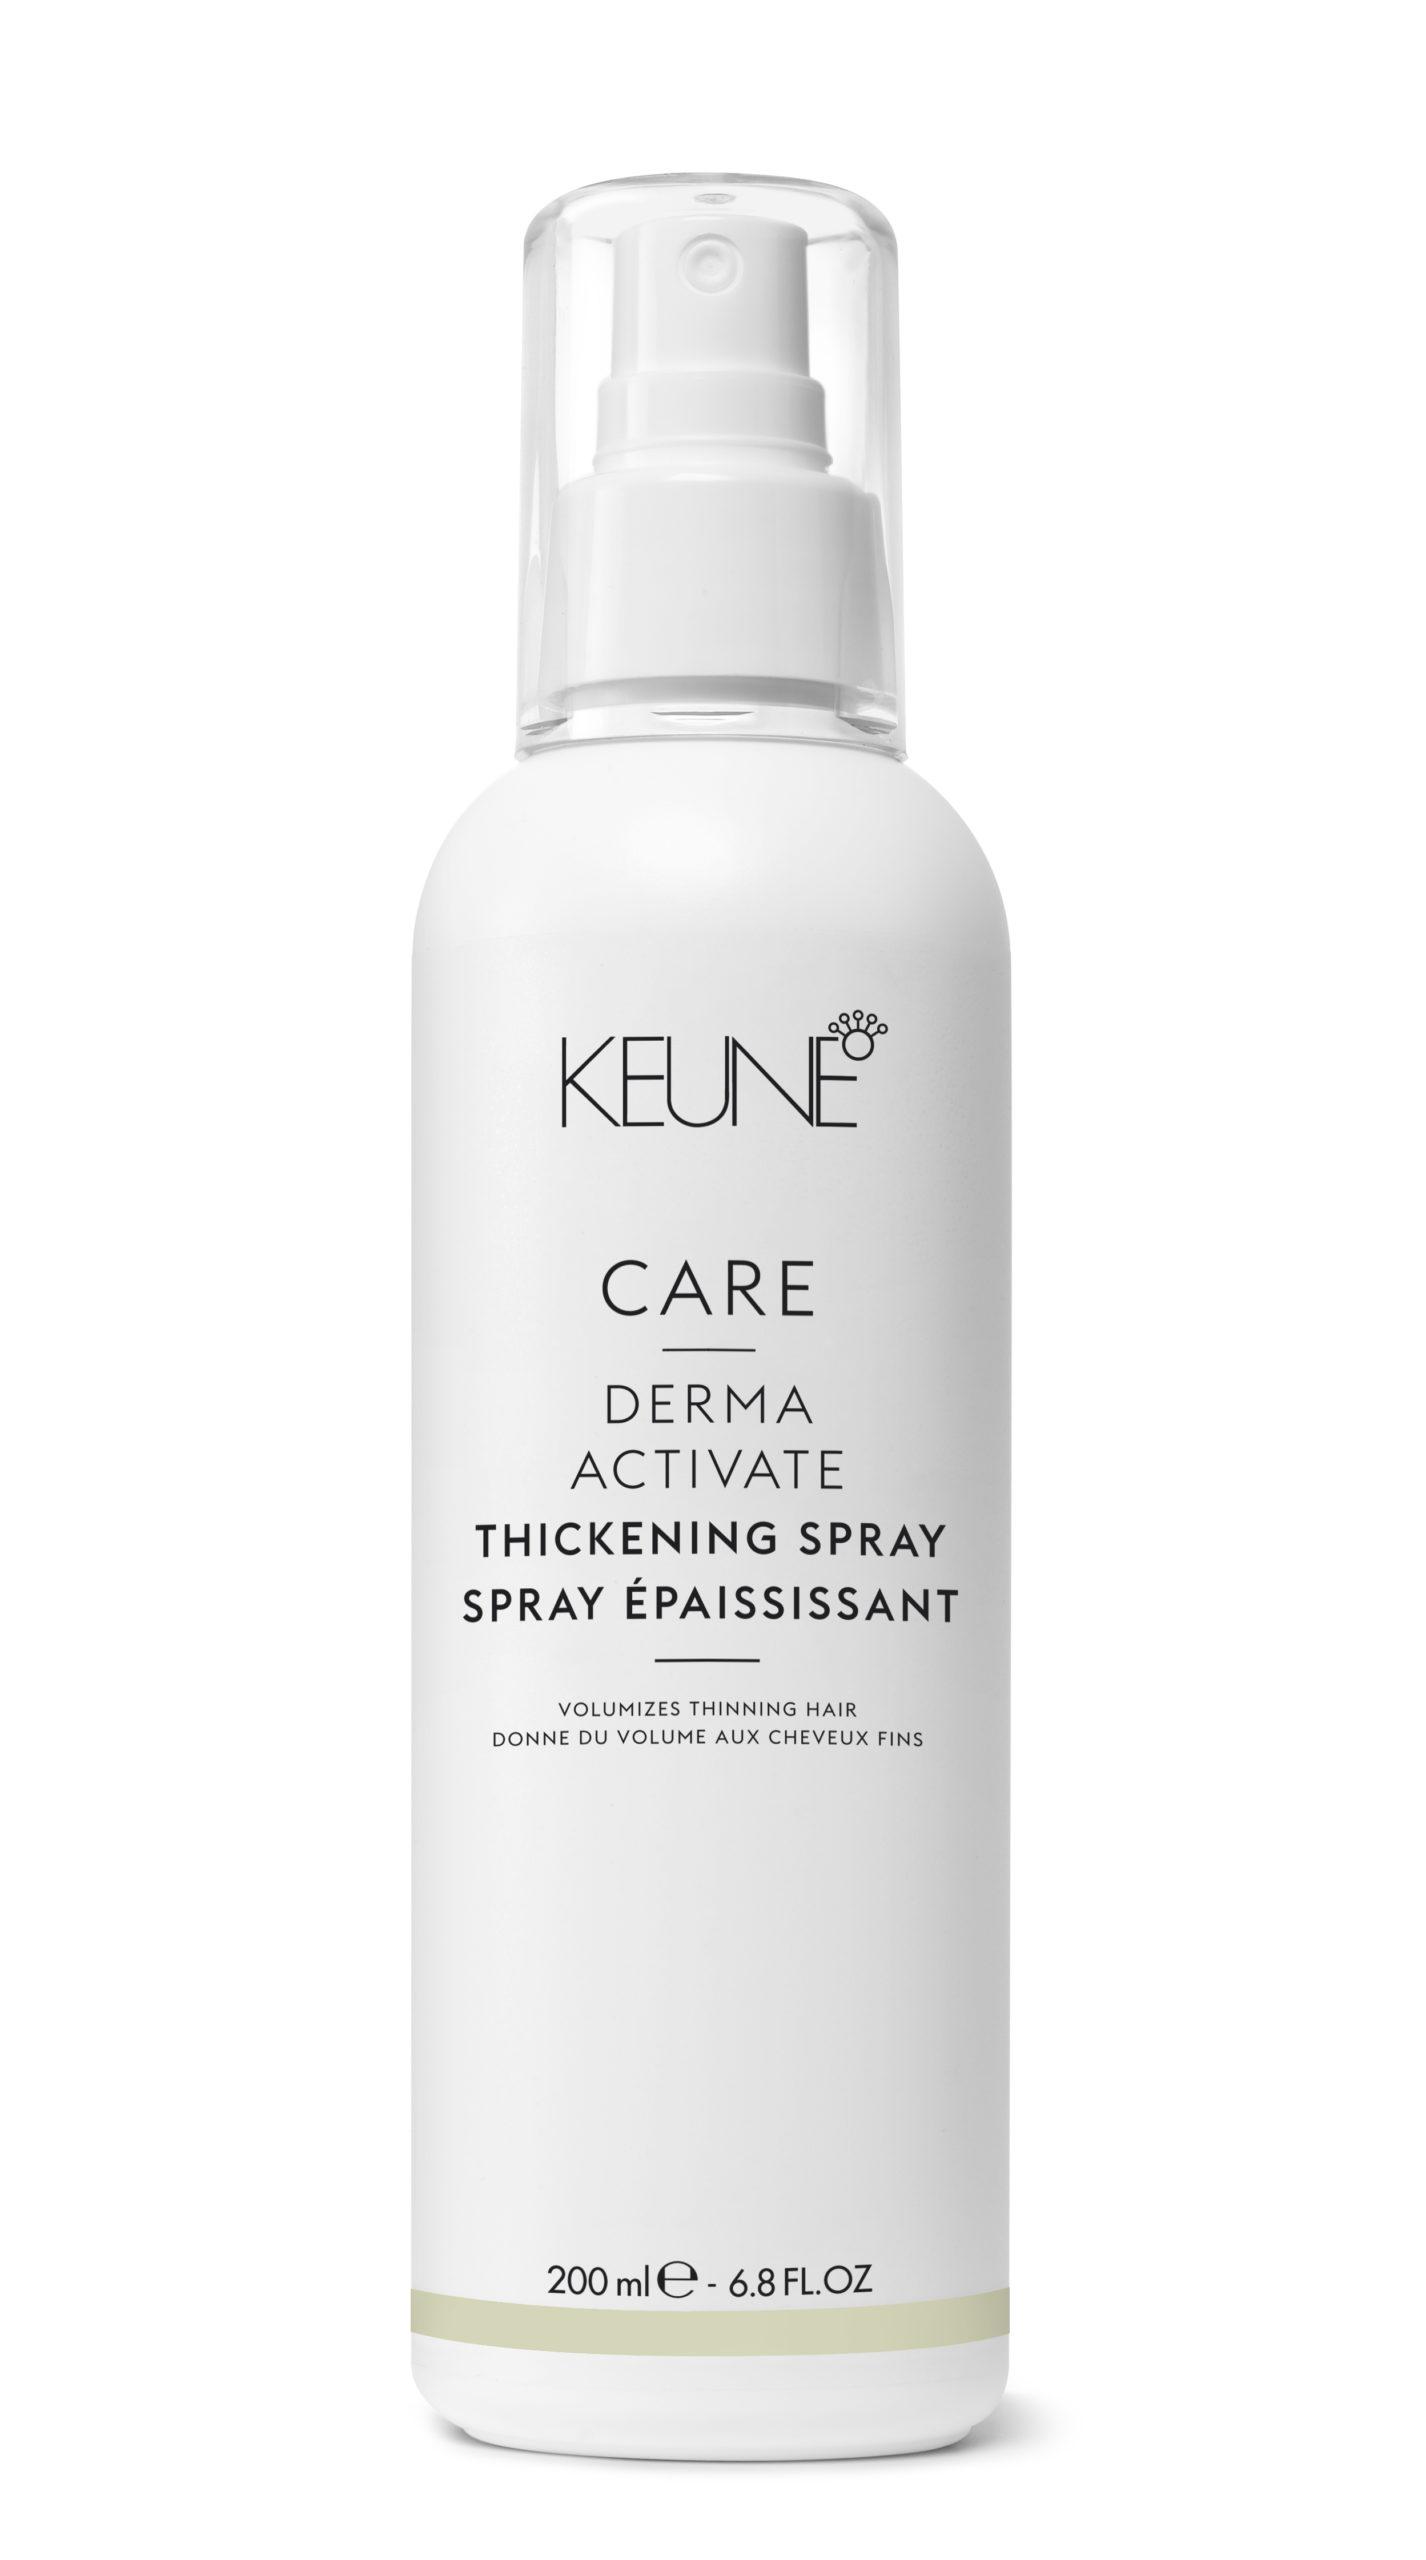 Care-Derma-Activate-Thickening-Spray-200ml-def-highres